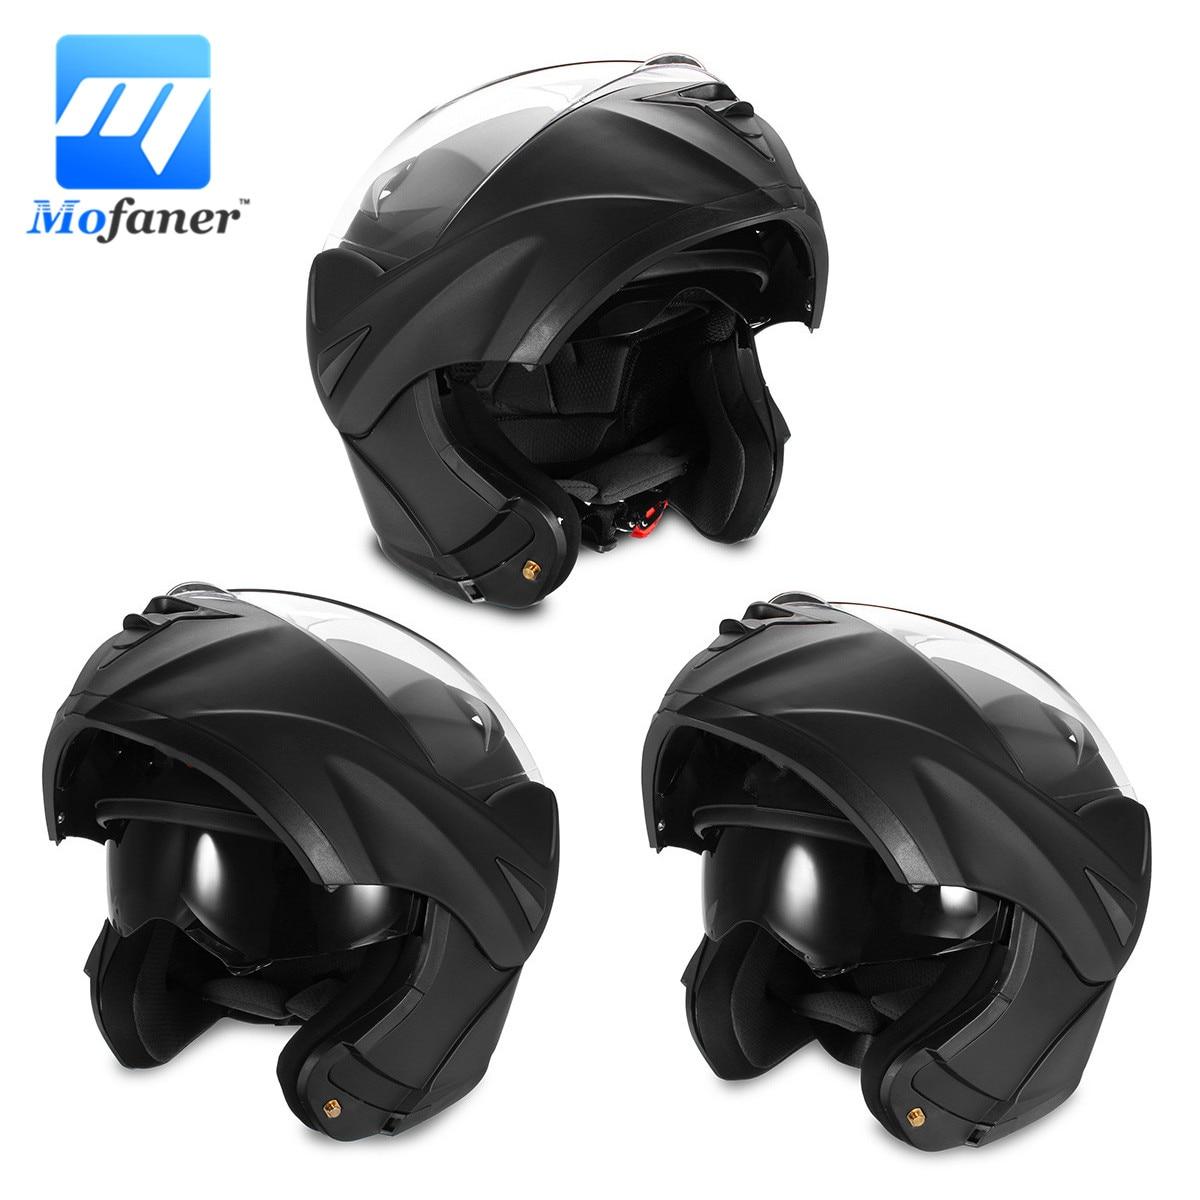 Mofaner 1Piece Motorcycle Modular Helmet Full Face Open Double Lens Dual Visor Safety Motocross Helmets 2017 new yohe open face motorcycle helmet yh936 knight safety undrape face motorbike helmets made of abs and pc visor lens